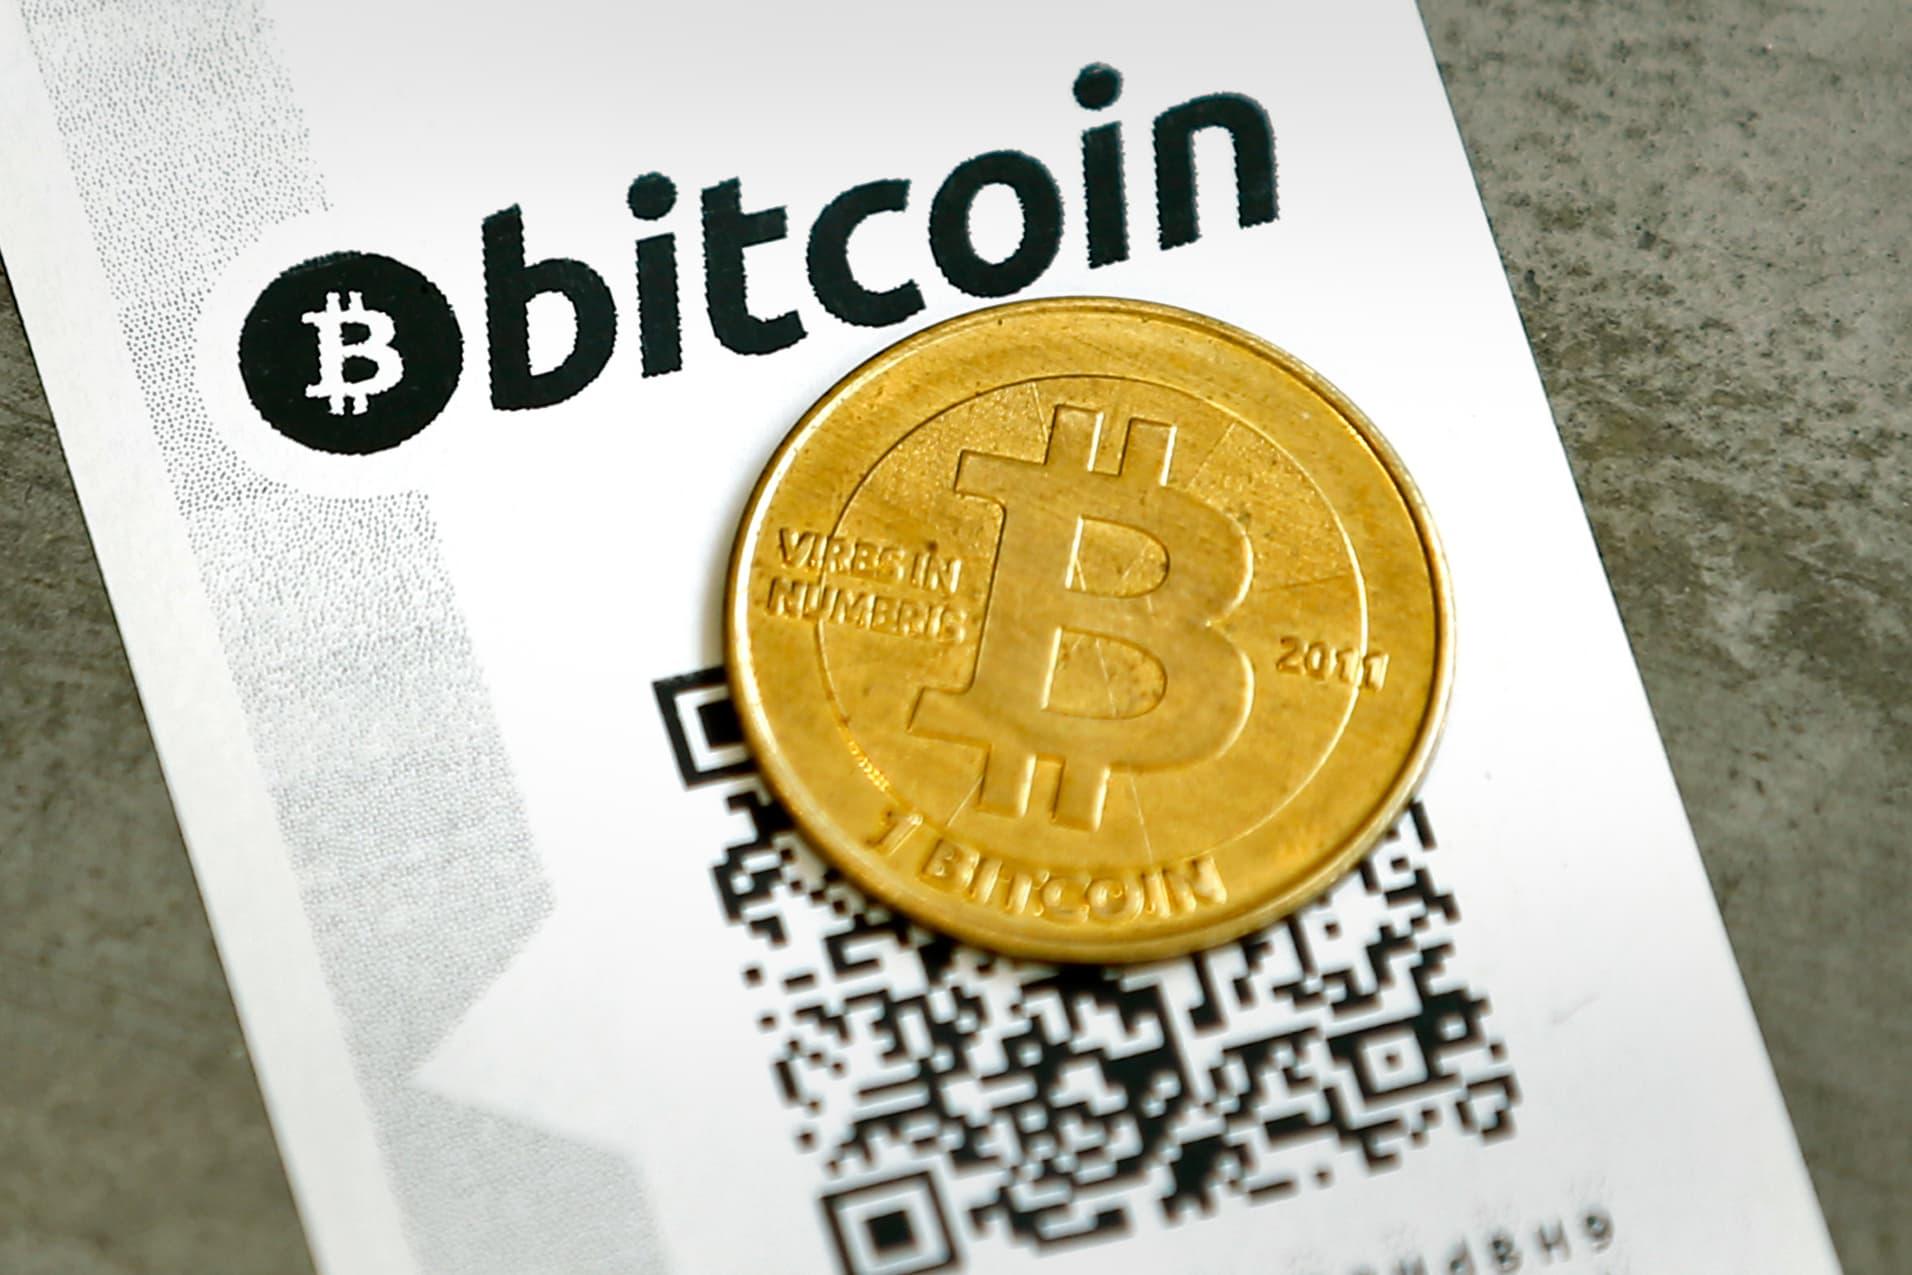 Bulldozer bitcoin mining